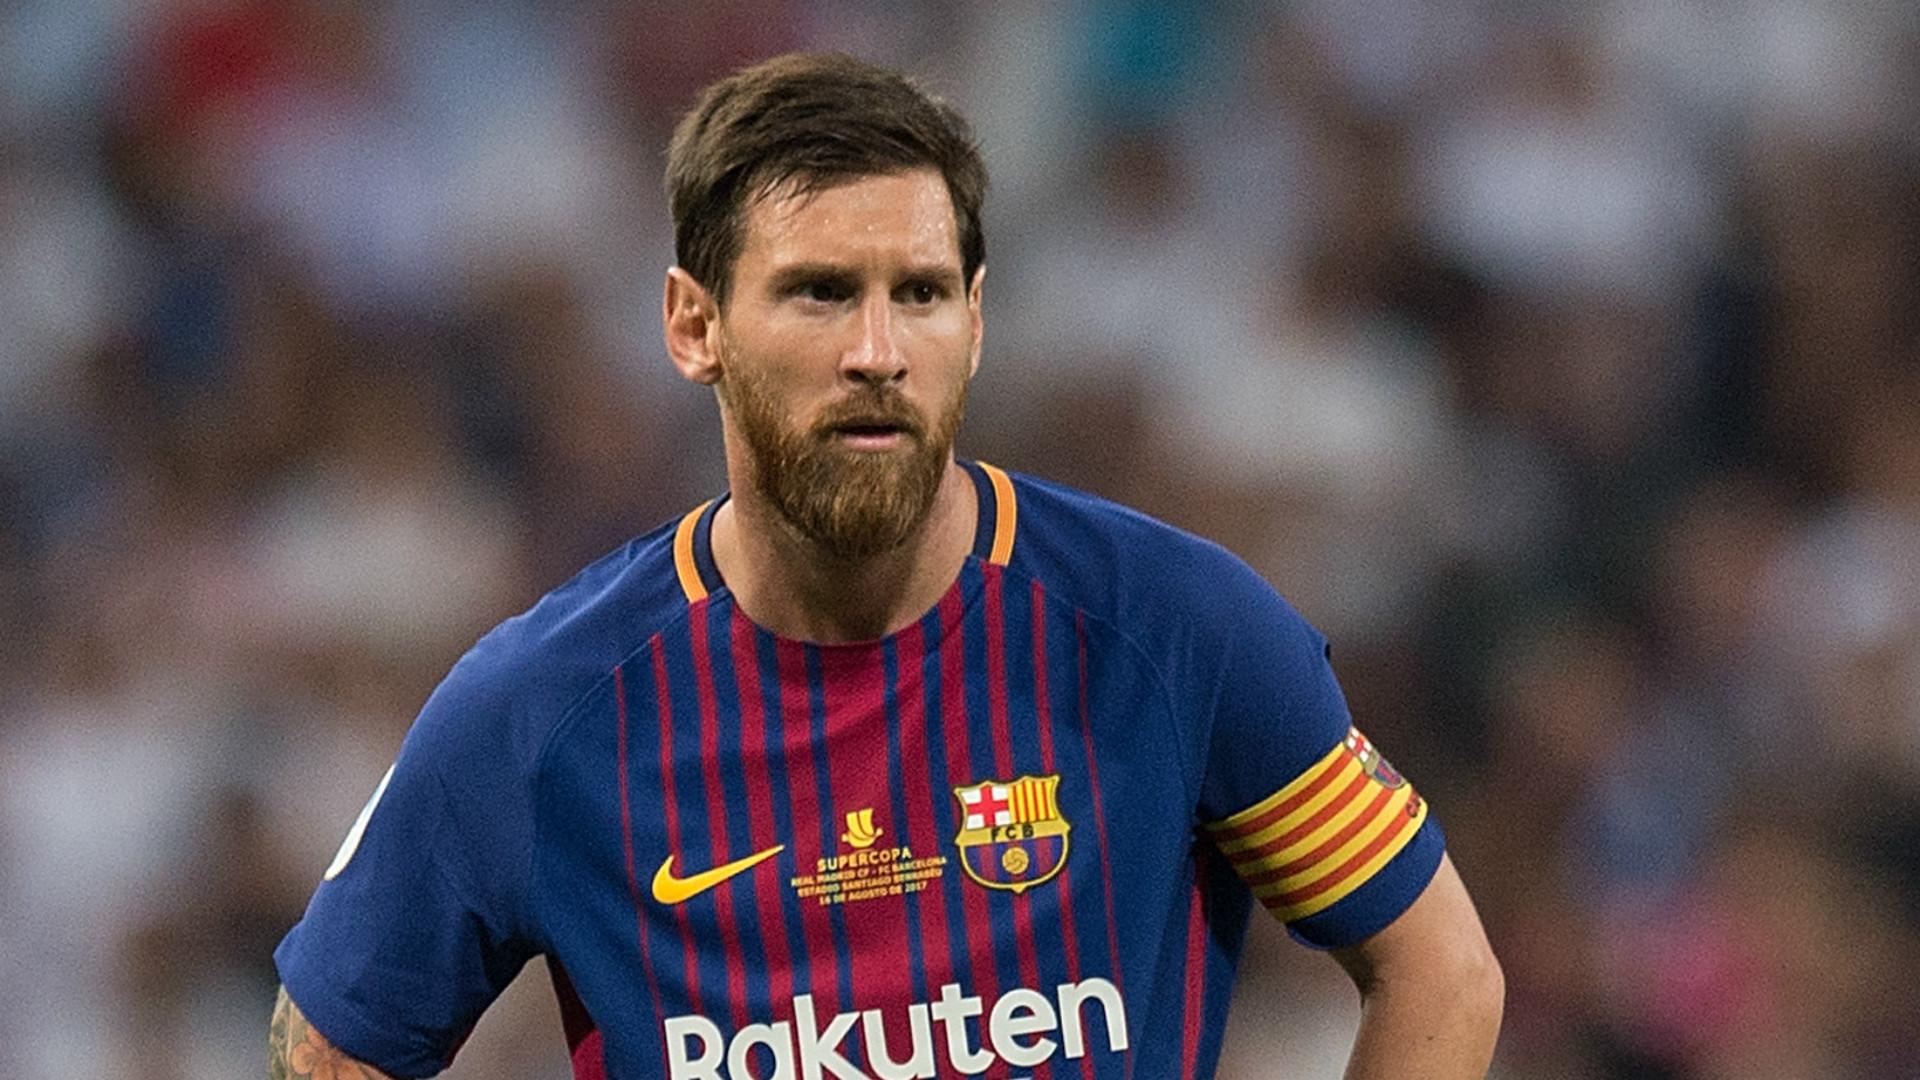 Messi và Suarez không tham dự cúp nhà vua - Bóng Đá